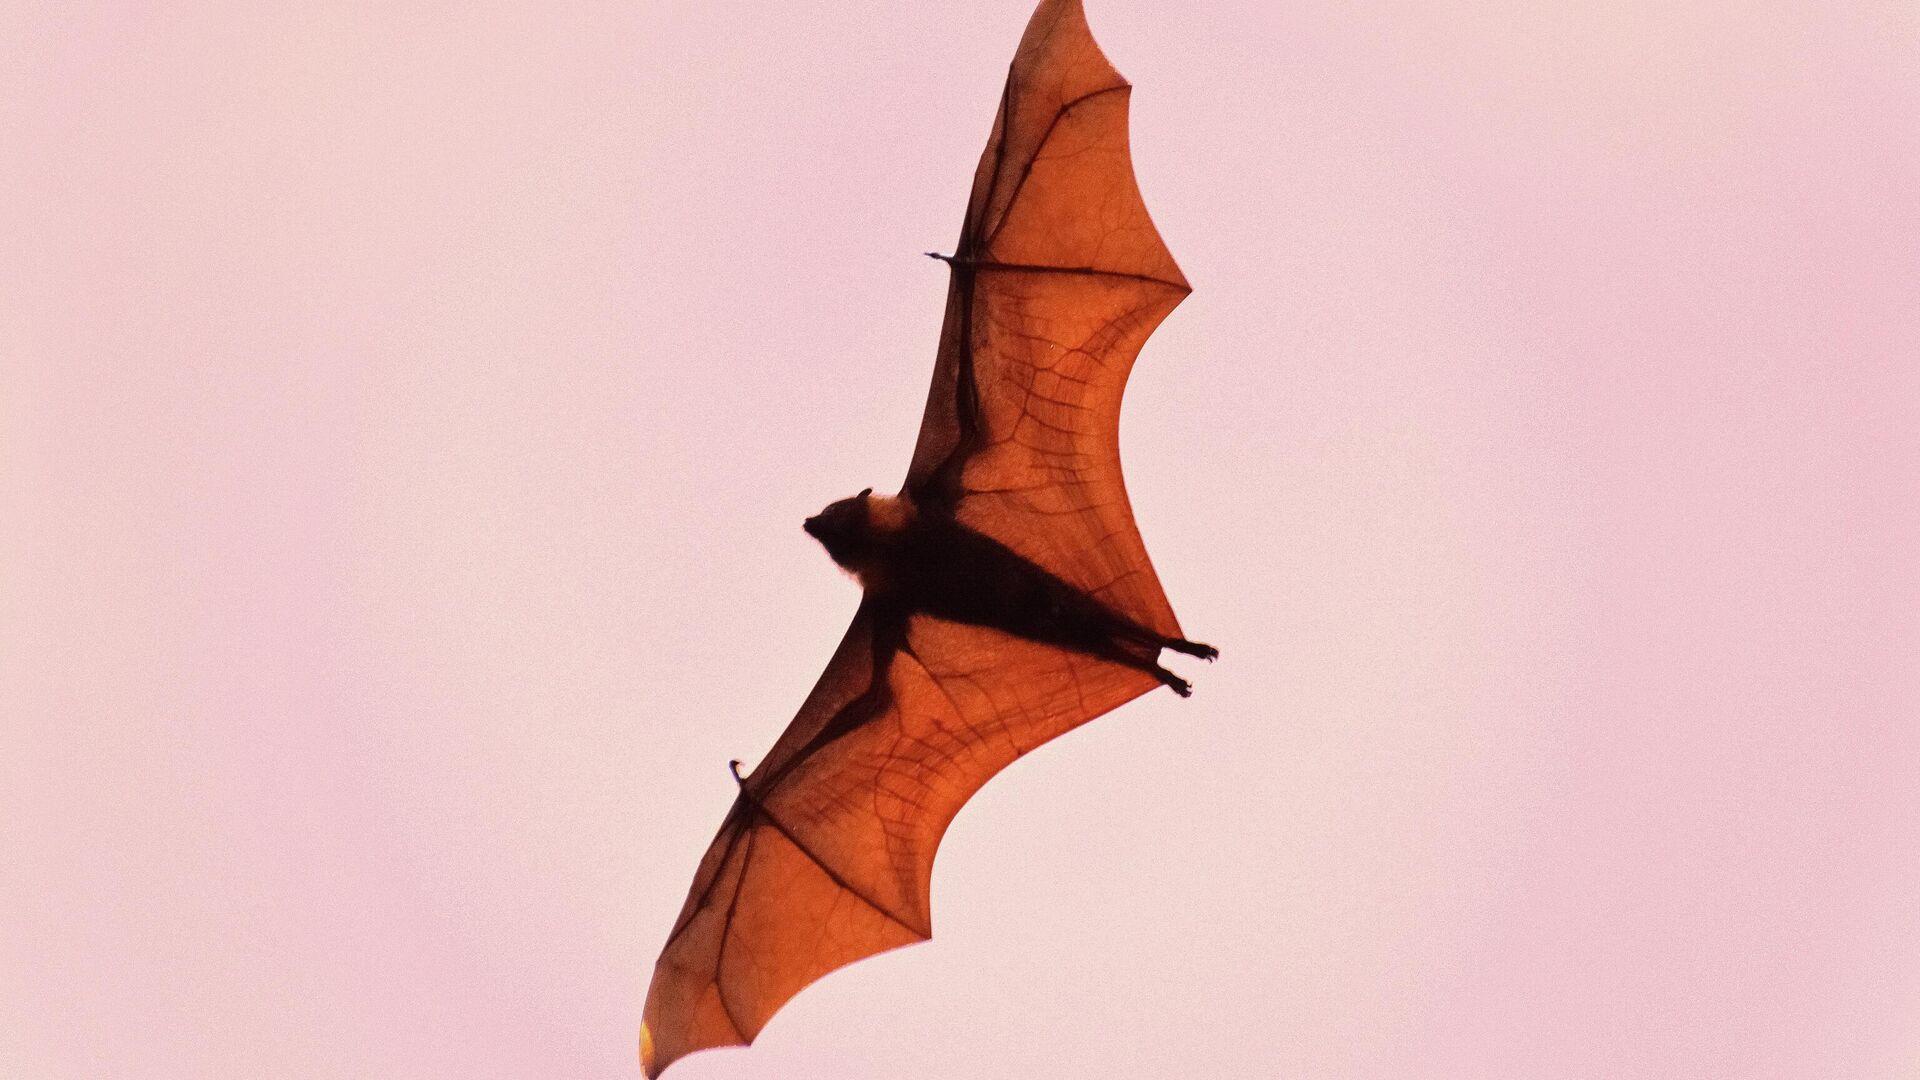 Bat flying  - Sputnik Mundo, 1920, 19.07.2021